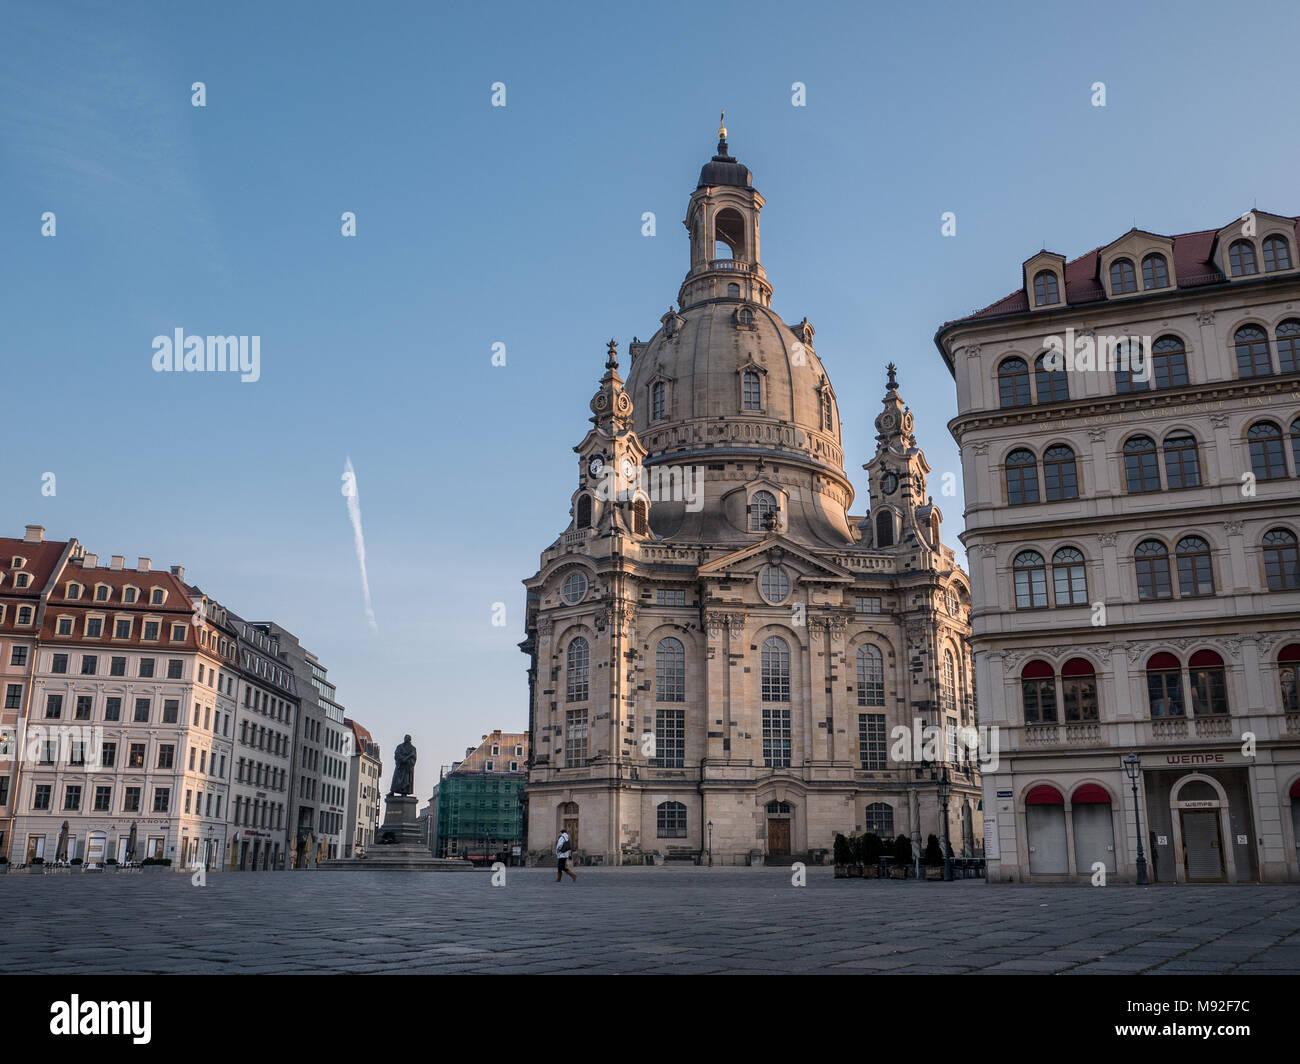 Der Muttergottes Kirche/Kirche Unserer Lieben Frau (Frauenkirche) und Luther statue am frühen Morgen, Dresden, Sachsen, Deutschland Stockbild